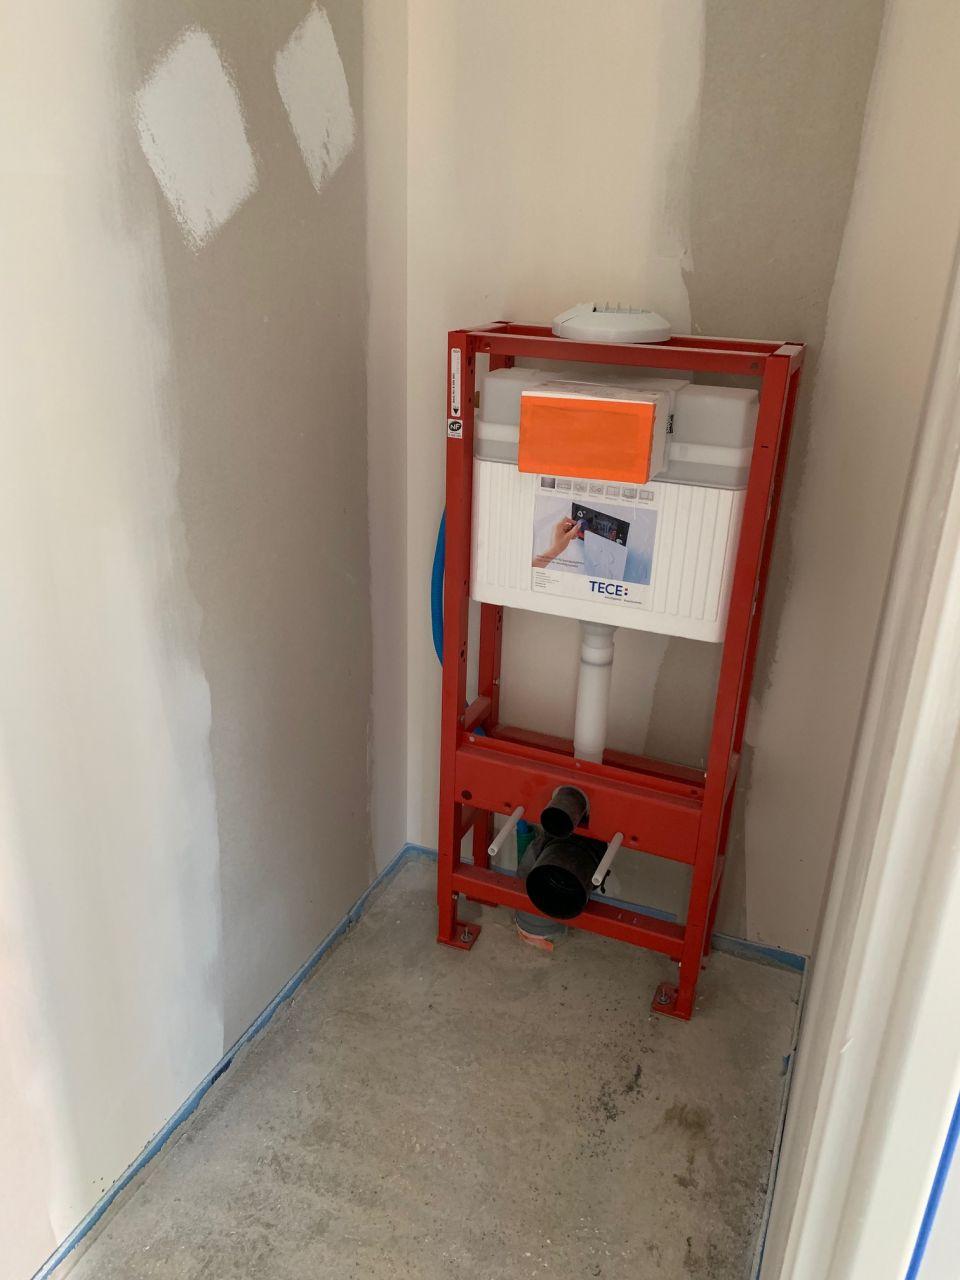 Le bâti du wc suspendu du rez-de-chaussée